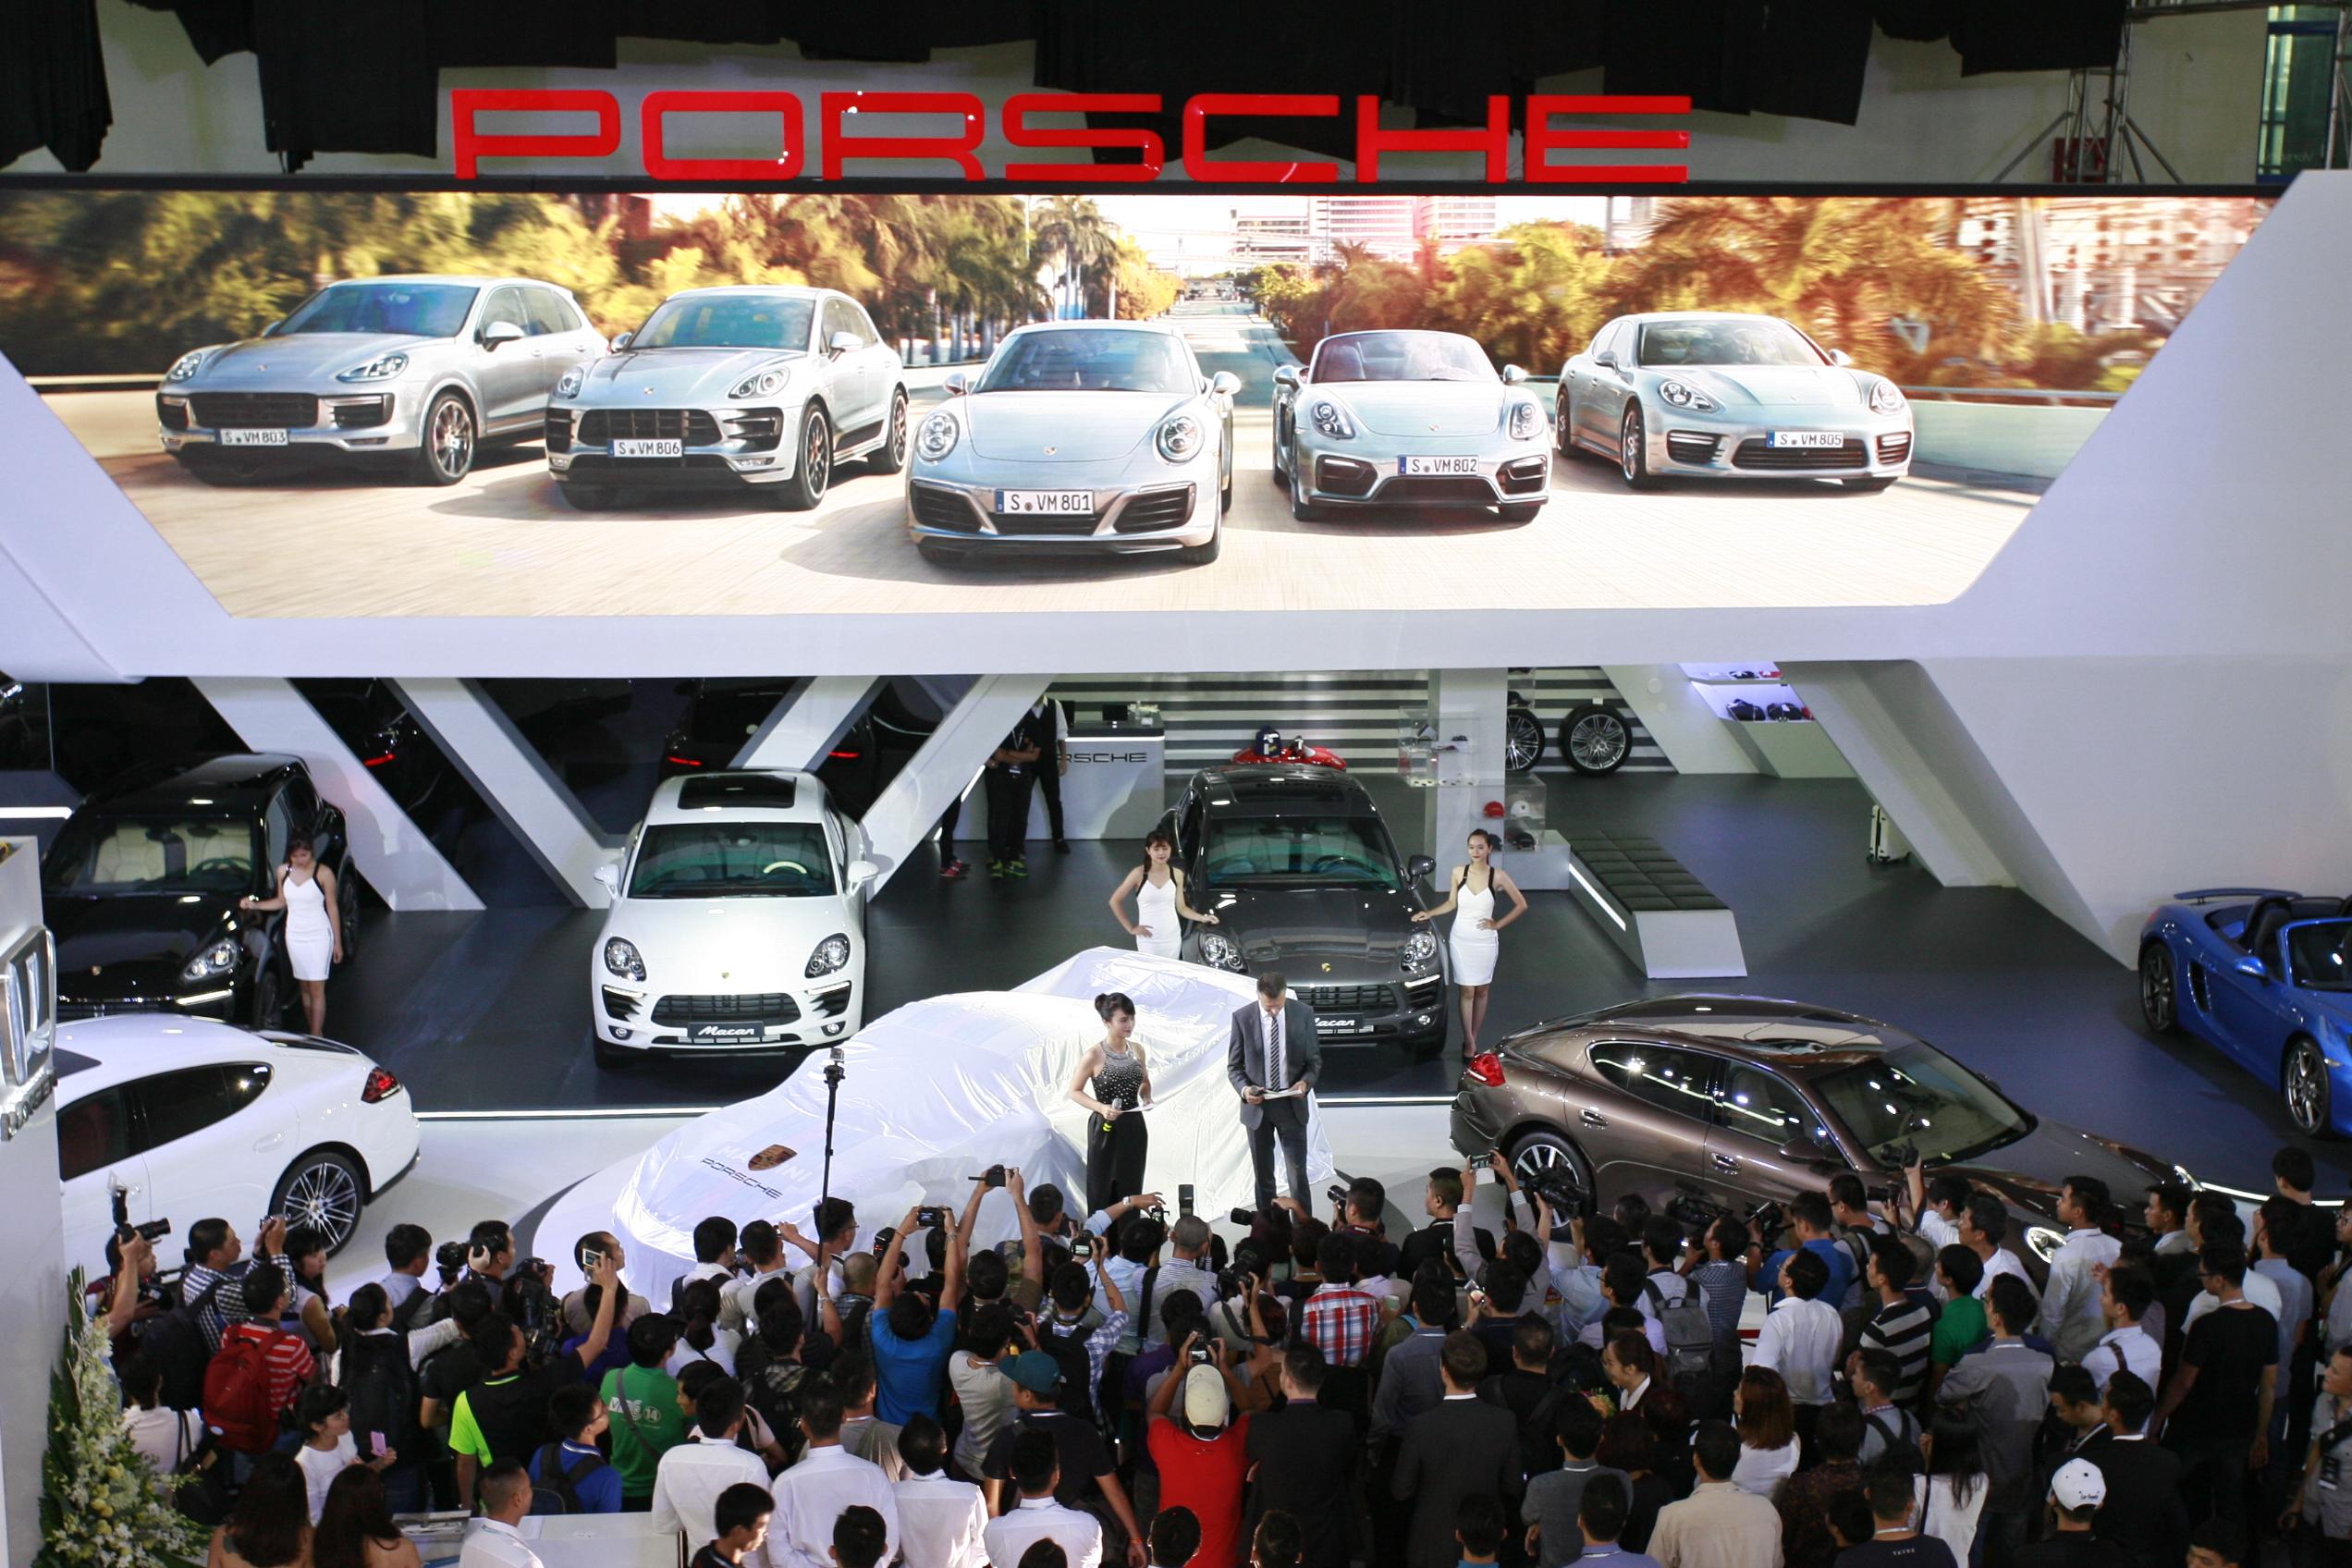 VIMS 2015: Ngày đầu triển lãm: 20.000 lượt khách, trên 60 xe bán_ảnh11